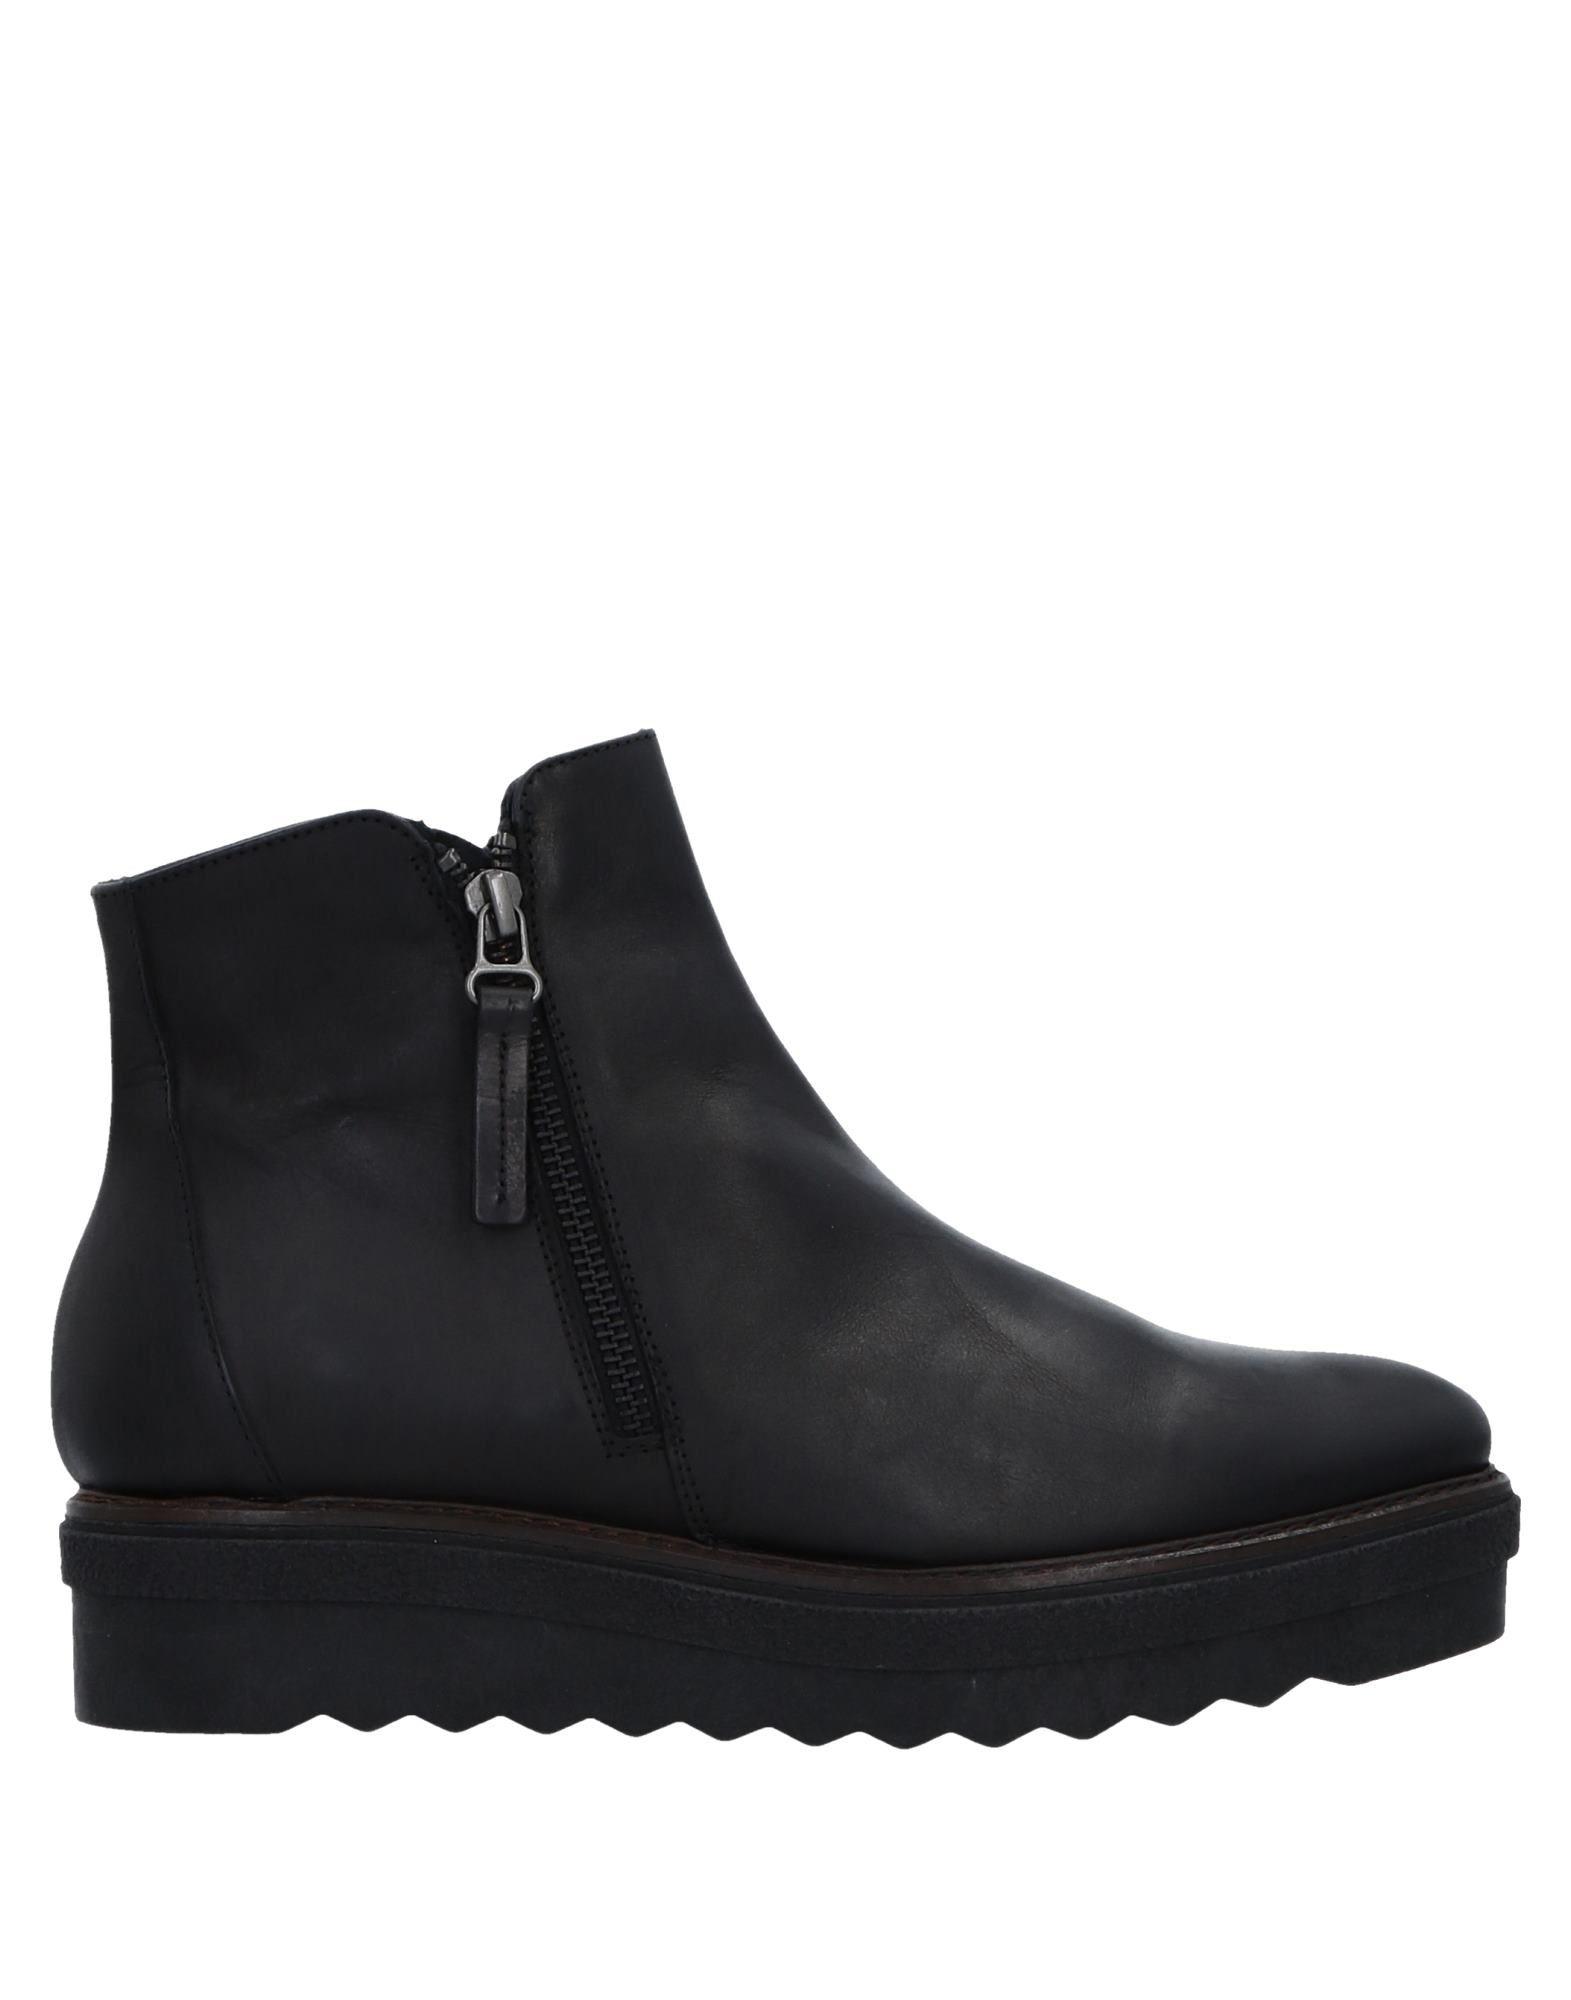 Donna Più Ankle Boot - Women online Donna Più Ankle Boots online Women on  United Kingdom - 11514313LM 16fdd4